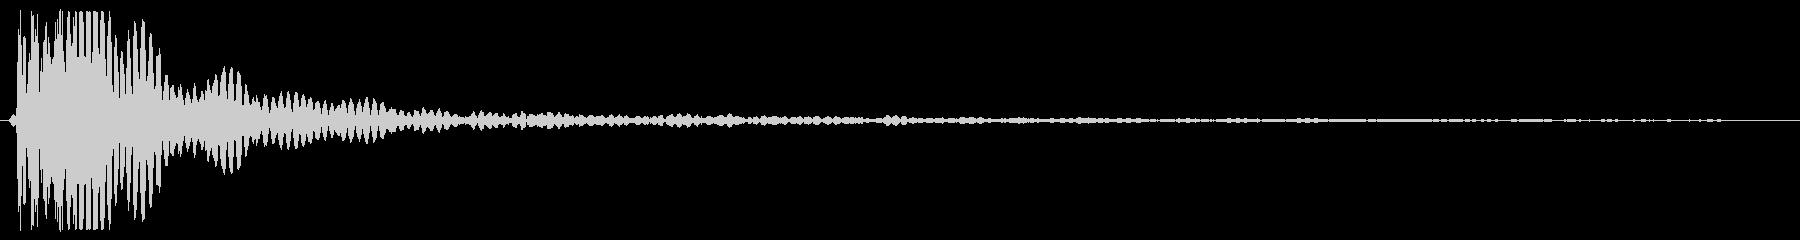 バン(ガンを発射した時の音)の未再生の波形